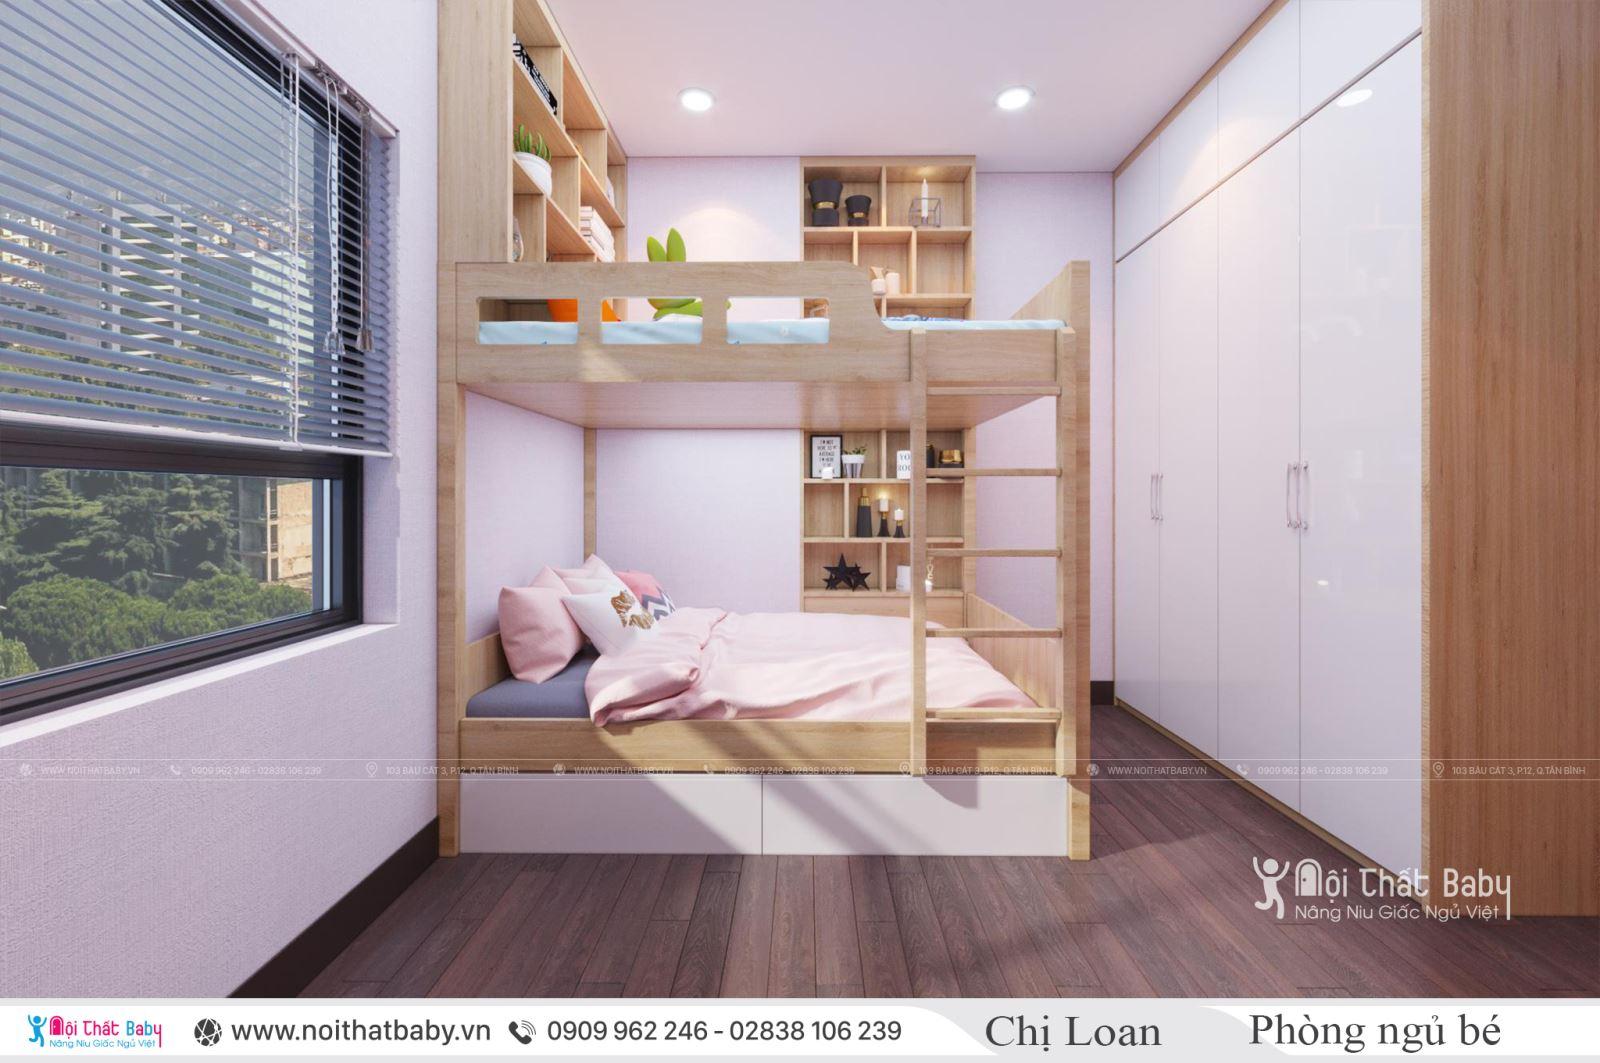 Mẫu giường tầng đẹp cho bé gái